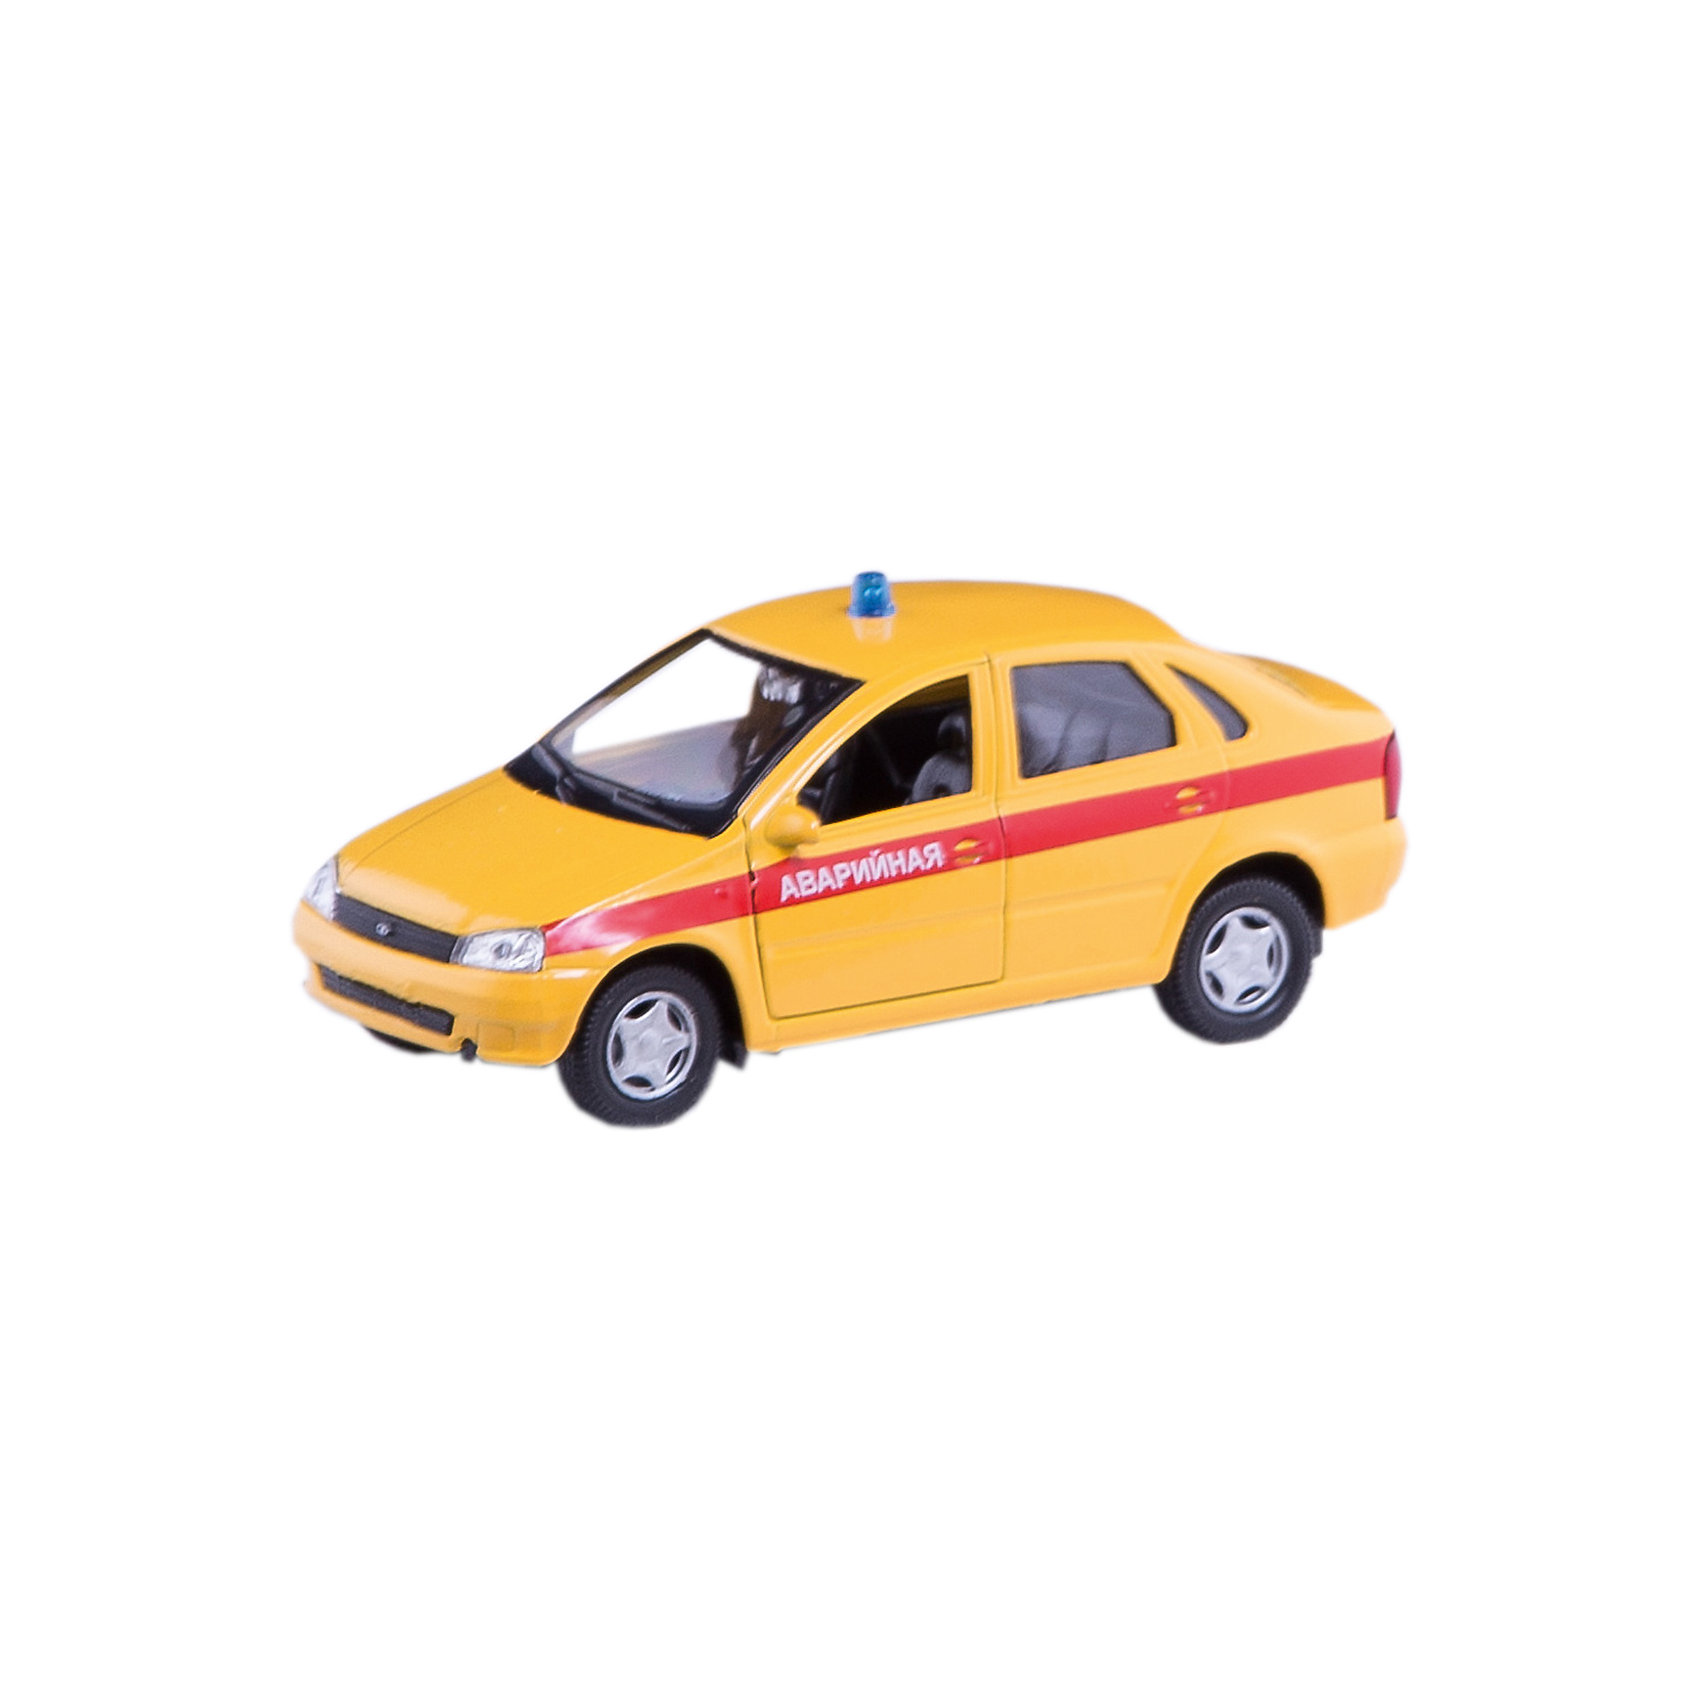 Машинка Lada Kalina аварийная 1:34, AutotimeМашинки<br>Характеристики товара:<br><br>• цвет: желтые<br>• материал: металл, пластик<br>• размер: 16,5х7,х5,7 см<br>• вес: 100 г<br>• масштаб: 1:34<br>• прочный материал<br>• хорошая детализация<br>• открываются двери<br>• страна бренда: Россия<br>• страна производства: Китай<br><br>Коллекционная машинка LADA Kalina аварийная от бренда AUTOTIME станет отличным подарком для мальчика. Подробная детализация машинки порадует увлеченного коллекционера, а открывающиеся двери и свободно вращающиеся колеса придутся по душе юному владельцу игрушечного гаража. Эта игрушка подарит восторг и радость вашему ребенку. <br><br>Игрушка также воздействует на наглядно-образное мышление, логическое мышление, развивает мелкую моторику. Изделие выполнено из сертифицированных материалов, безопасных для детей.<br><br>Машинку «Lada Kalina» аварийная от бренда AUTOTIME можно купить в нашем интернет-магазине.<br><br>Ширина мм: 165<br>Глубина мм: 57<br>Высота мм: 75<br>Вес г: 13<br>Возраст от месяцев: 36<br>Возраст до месяцев: 2147483647<br>Пол: Мужской<br>Возраст: Детский<br>SKU: 5583911